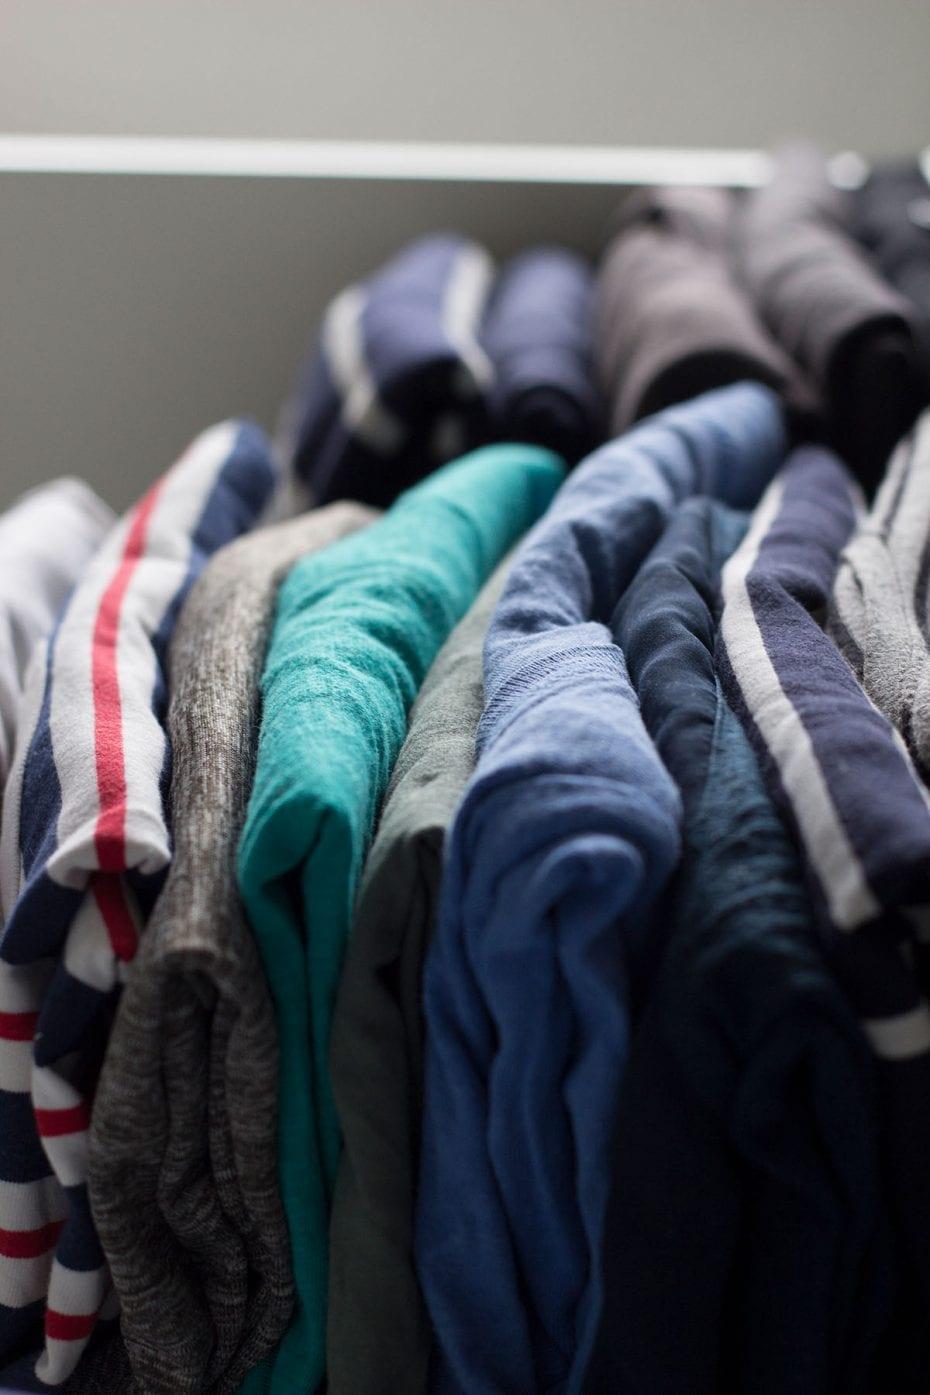 Kleiderschrank ausmisten – die Oberteile sind stehend gefaltet, so schafft mehr mehr Platz im Kleiderschrank